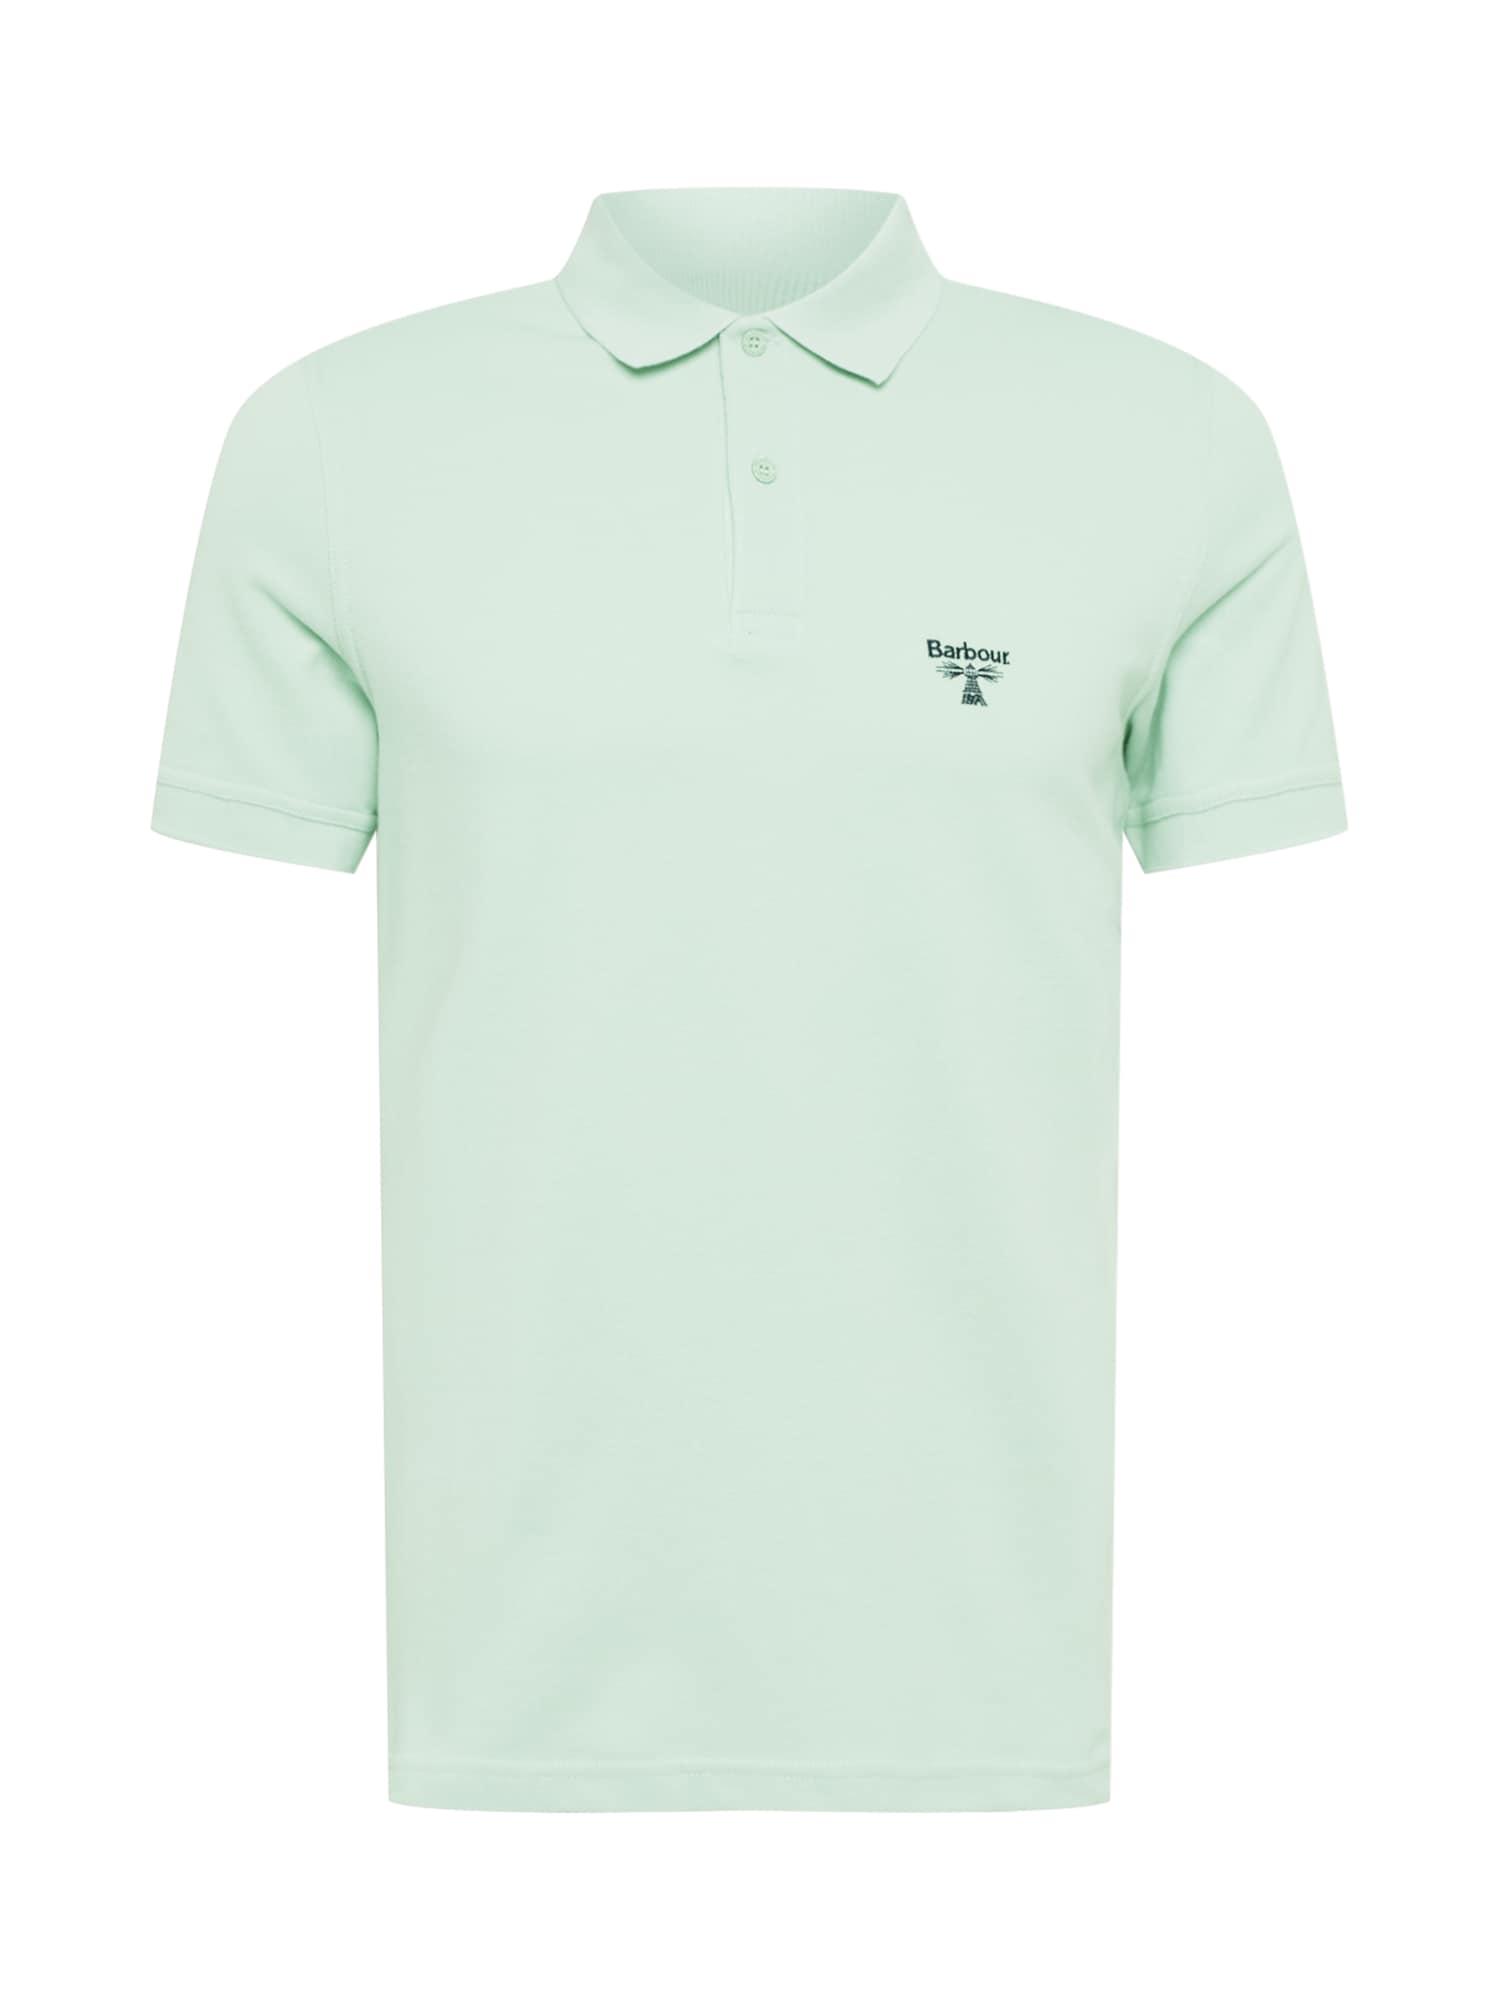 Barbour Beacon Marškinėliai mėtų spalva / tamsiai mėlyna